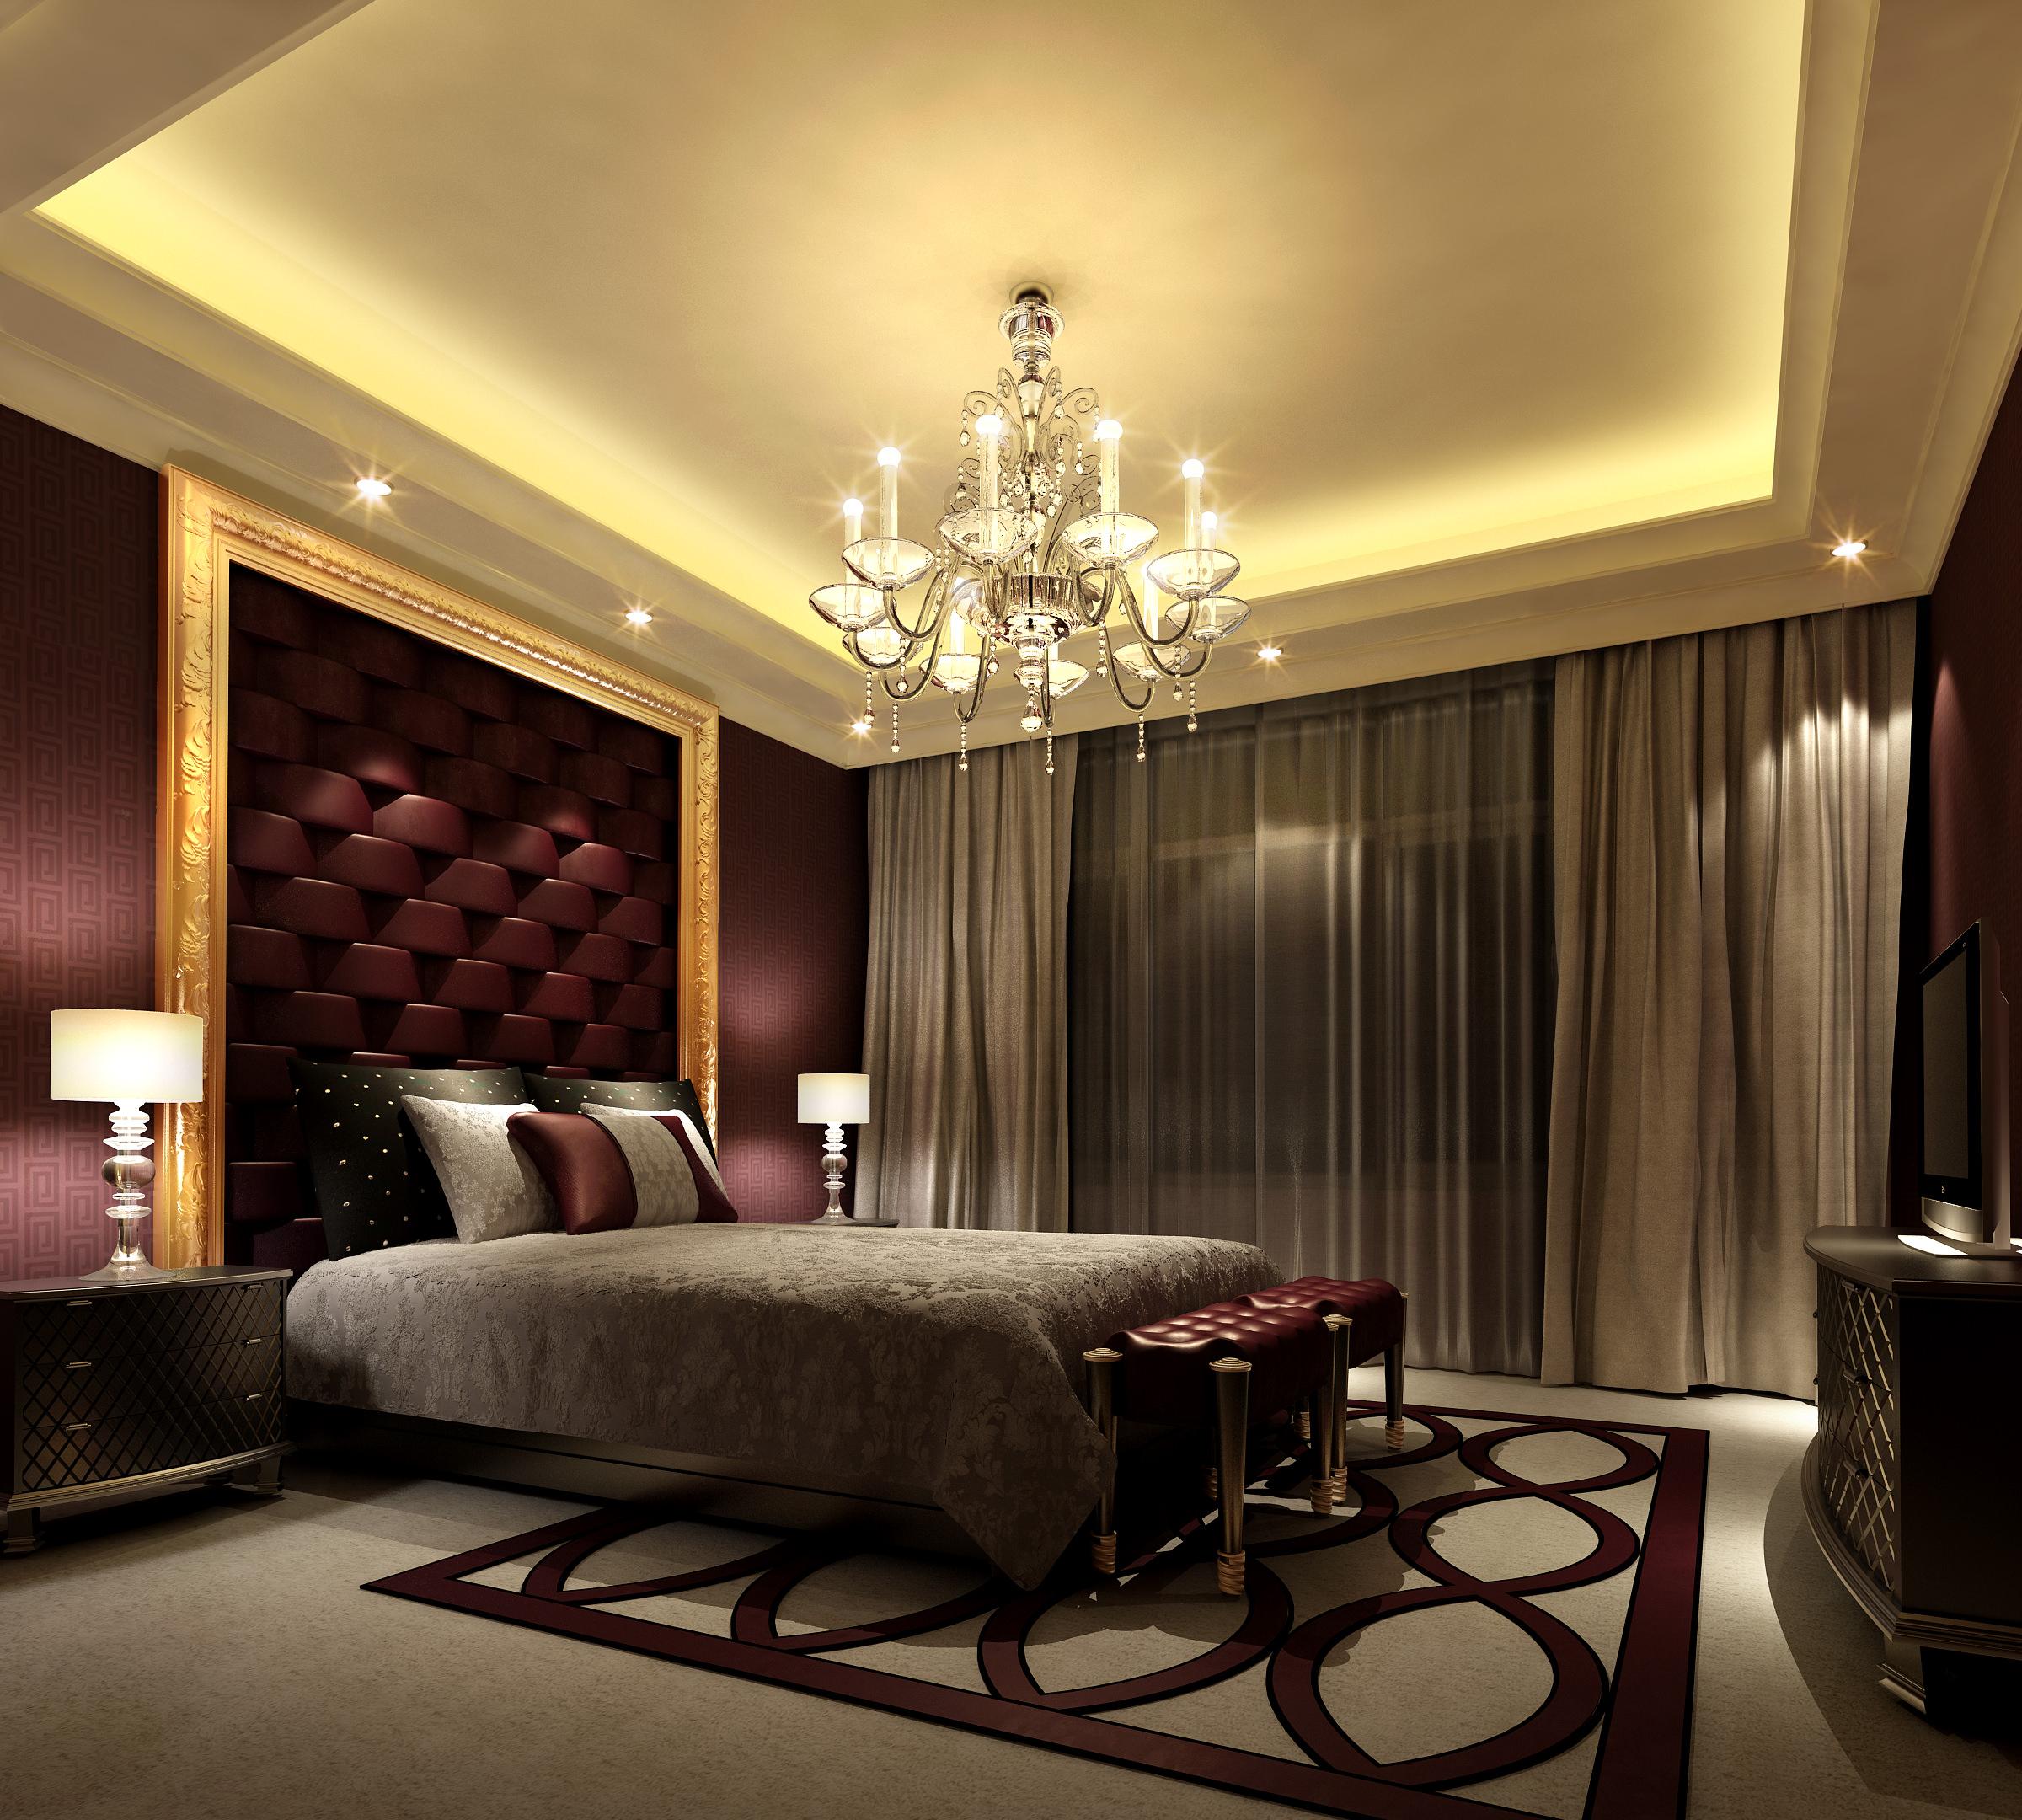 elegant bedroom furnishings 3d | cgtrader